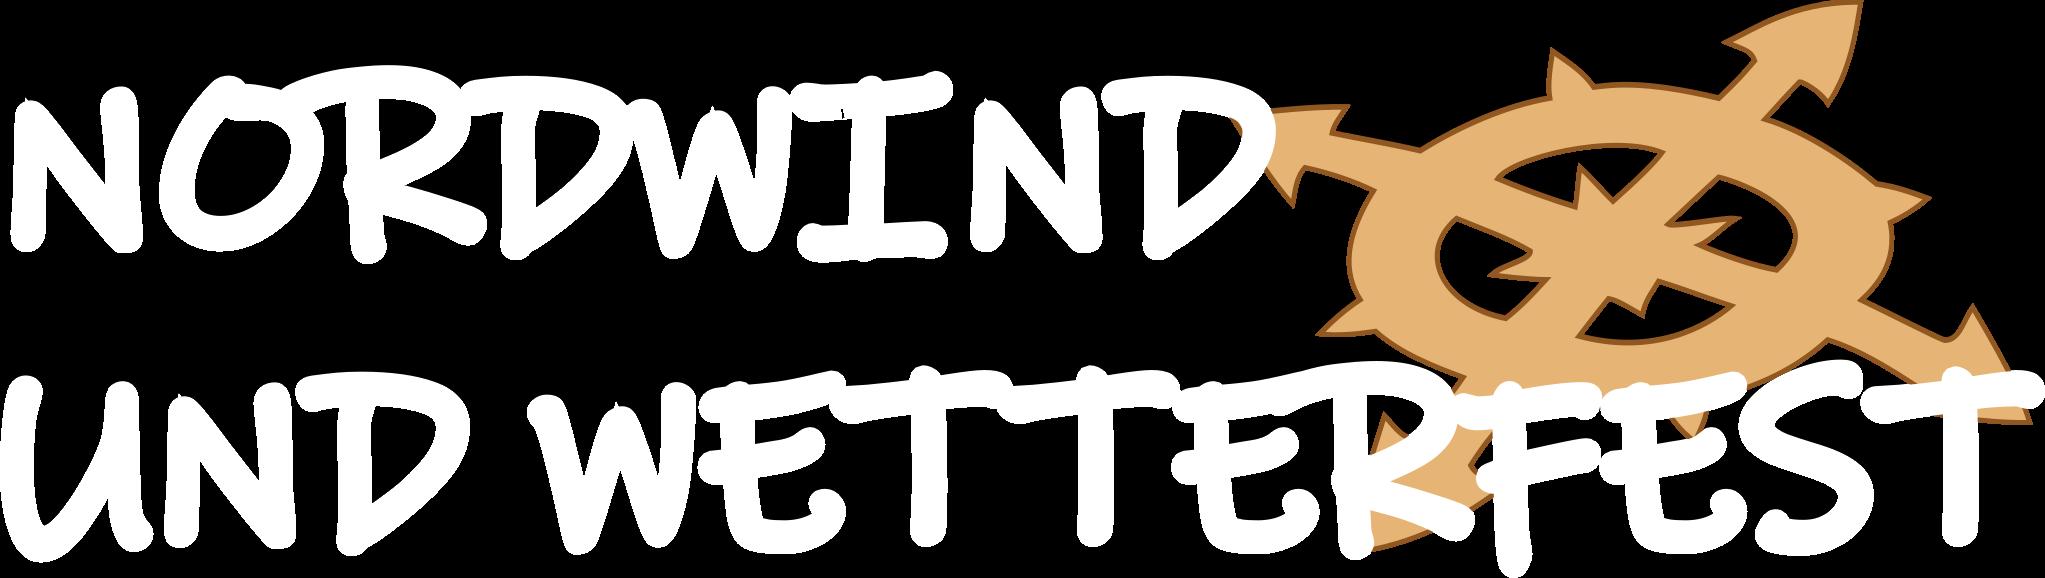 Nordwind und Wetterfest